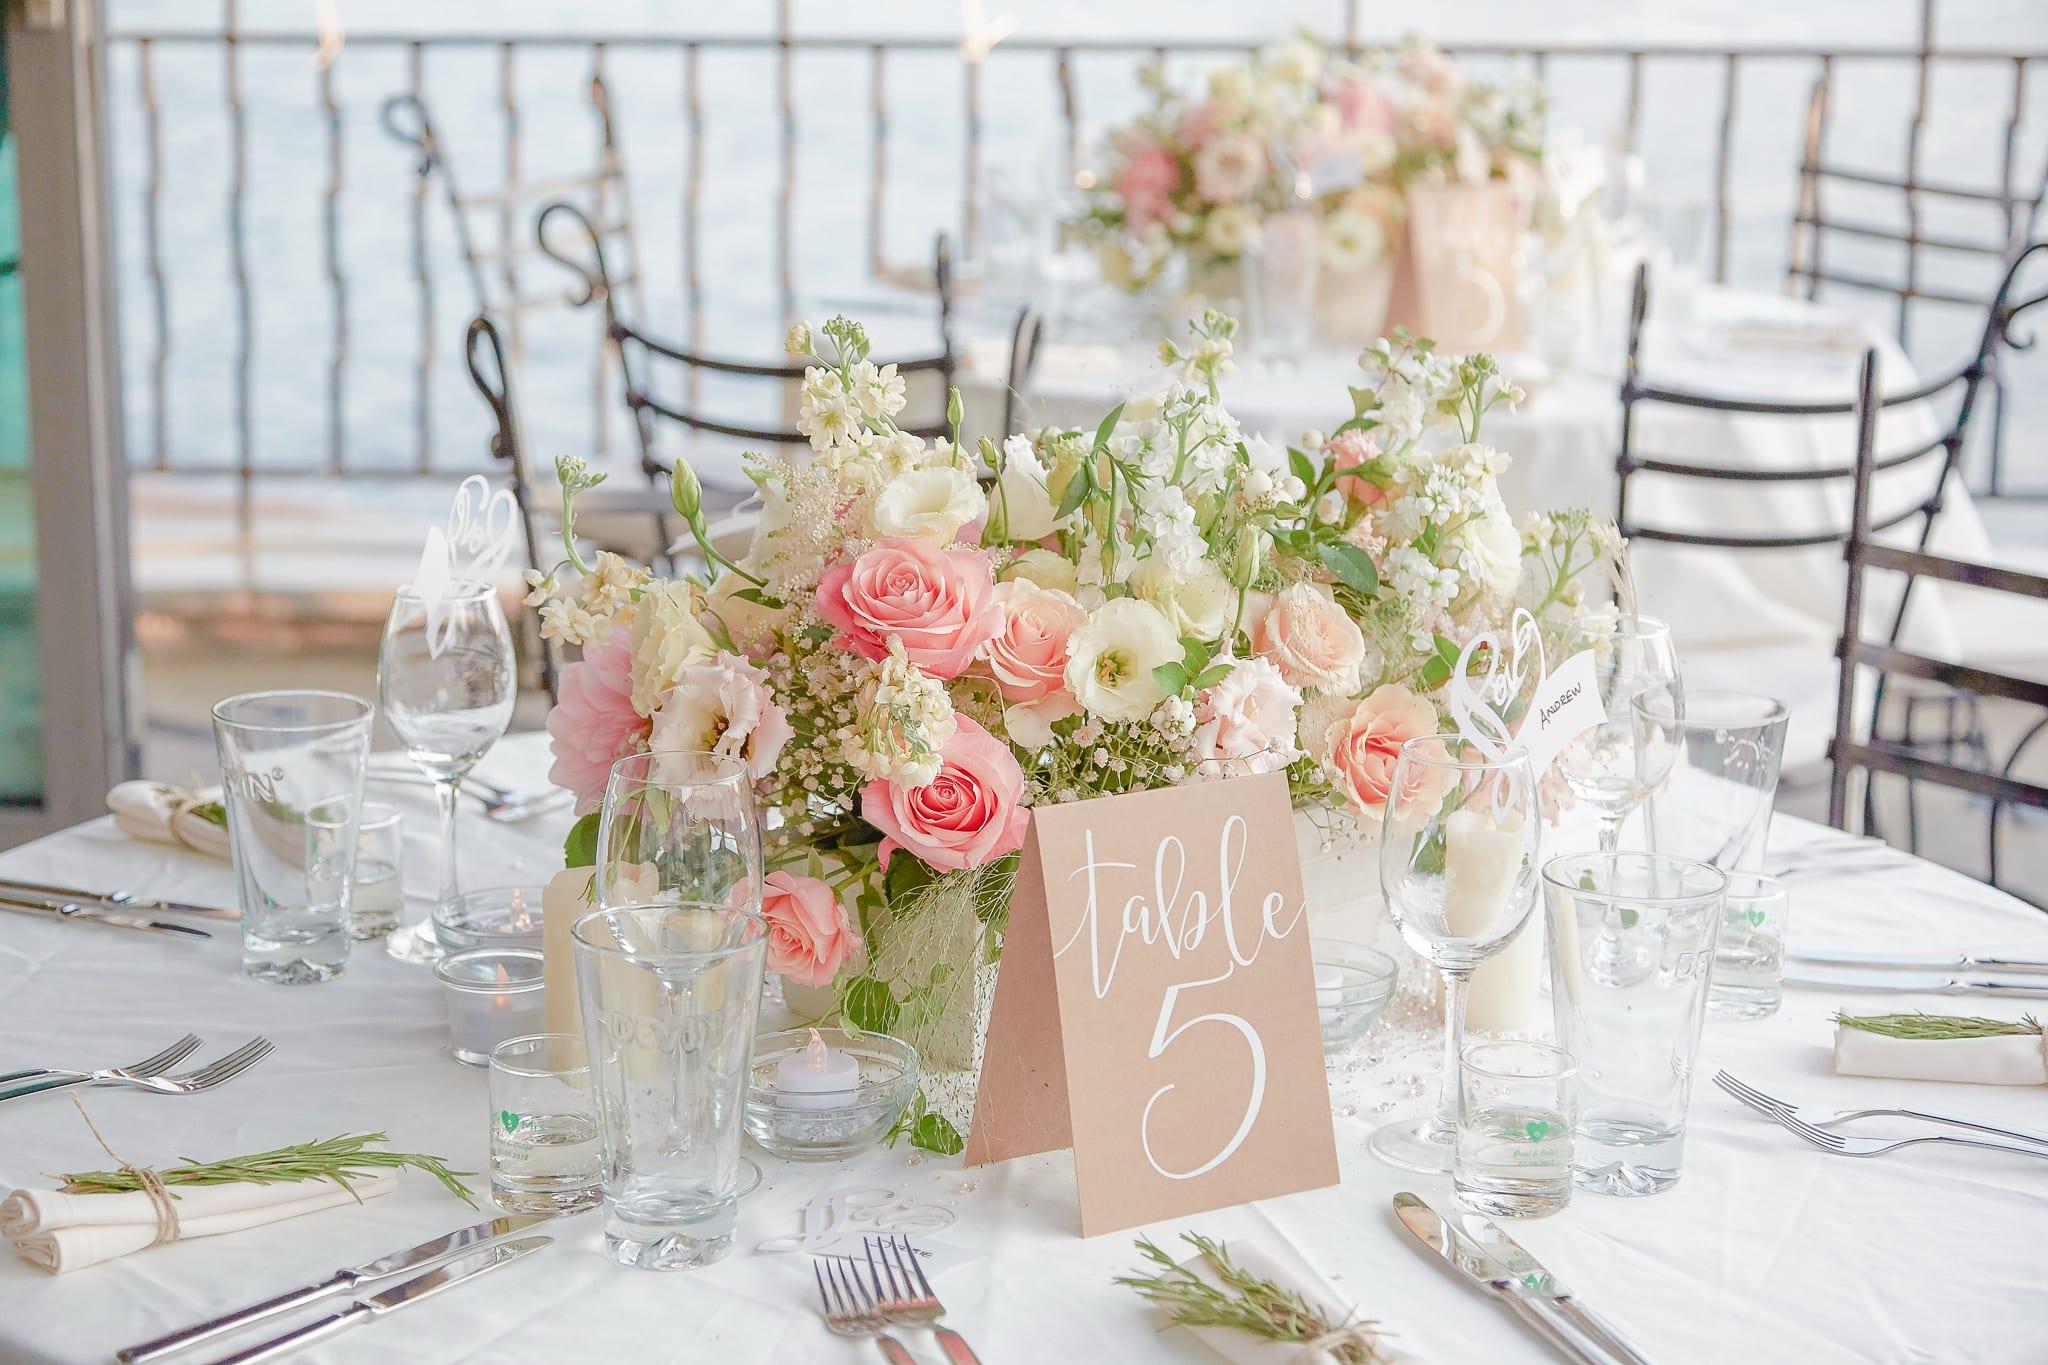 нежни пастелни цветя от сватбена украса, ръстик сватбена декорация, декорация на сватбена агенция Приказен ден, сватбен агент Мариела Уилсън